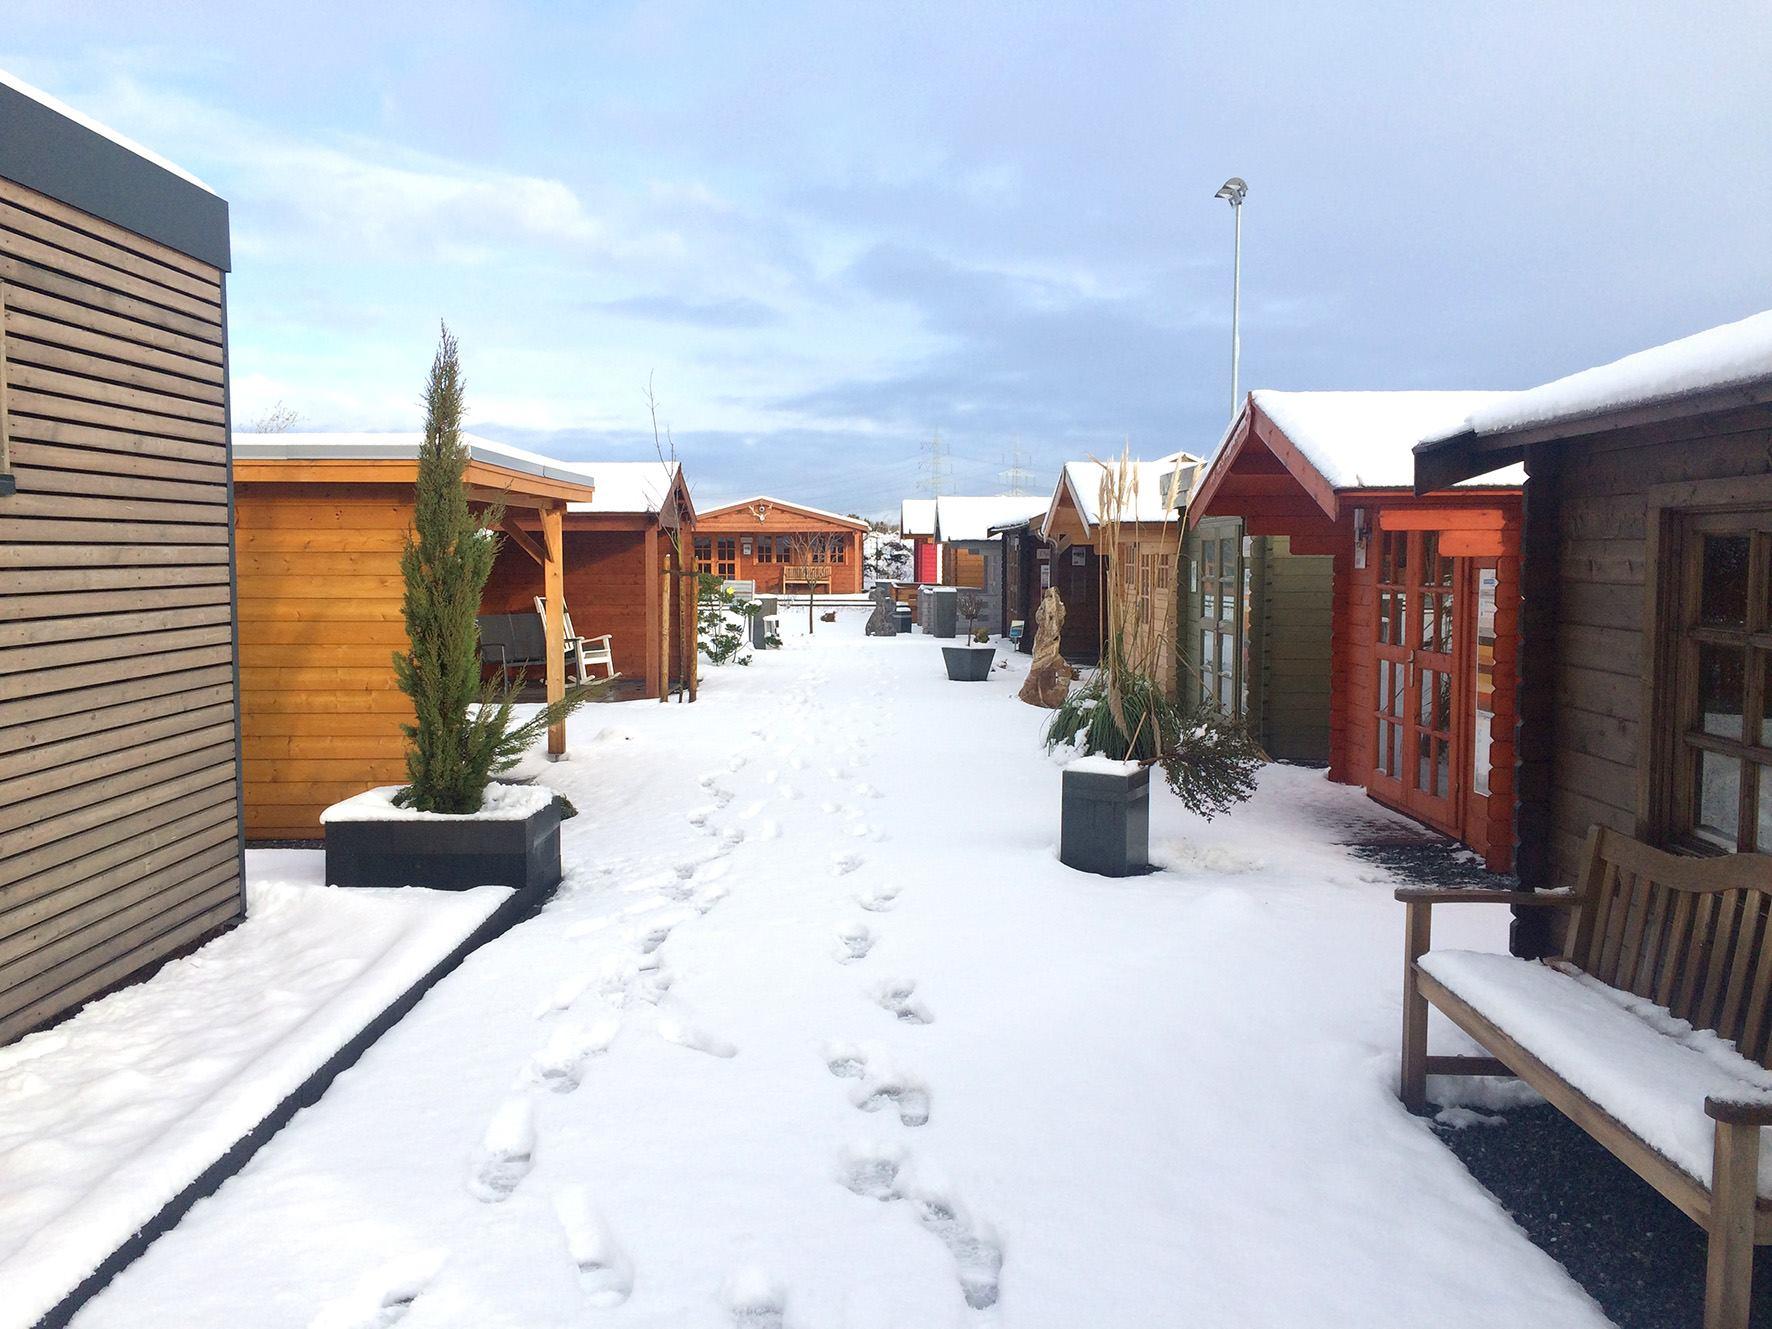 Gartenmobel Im Winter Draussen Stehen Lassen Das Mussen Sie Beachten